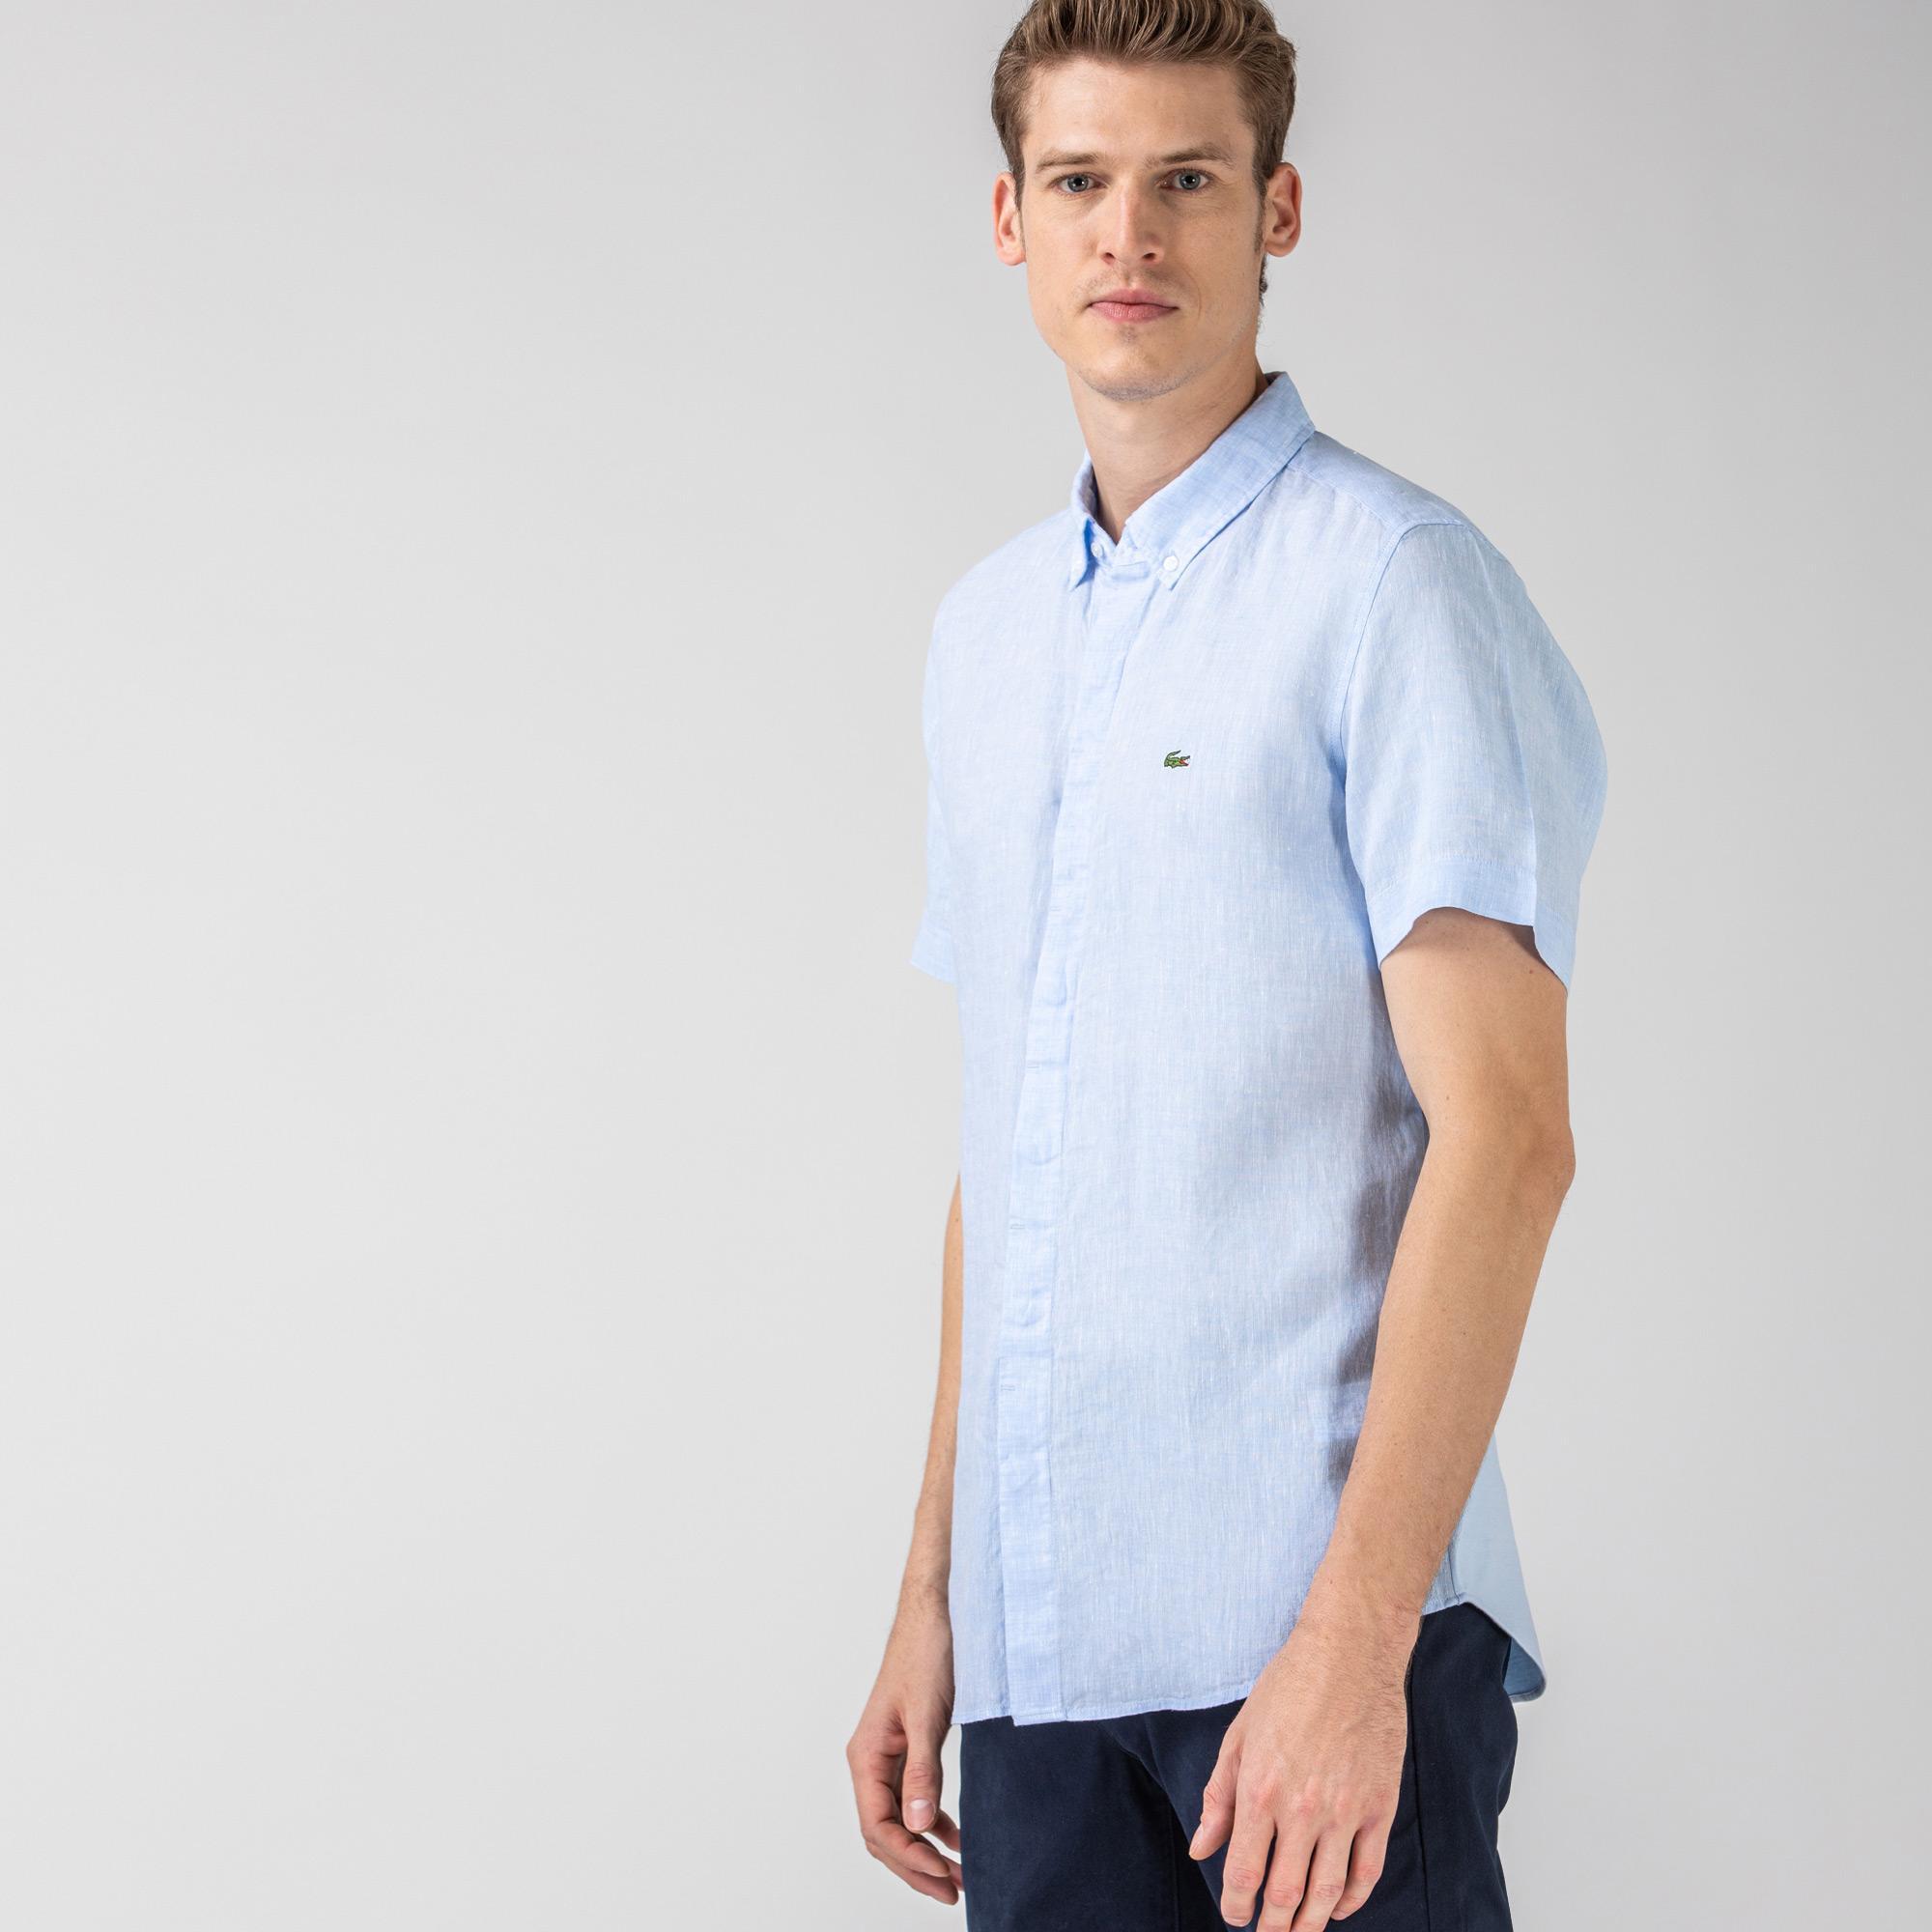 Lacoste Erkek Regular Fit Kısa Kollu Mavi Gömlek